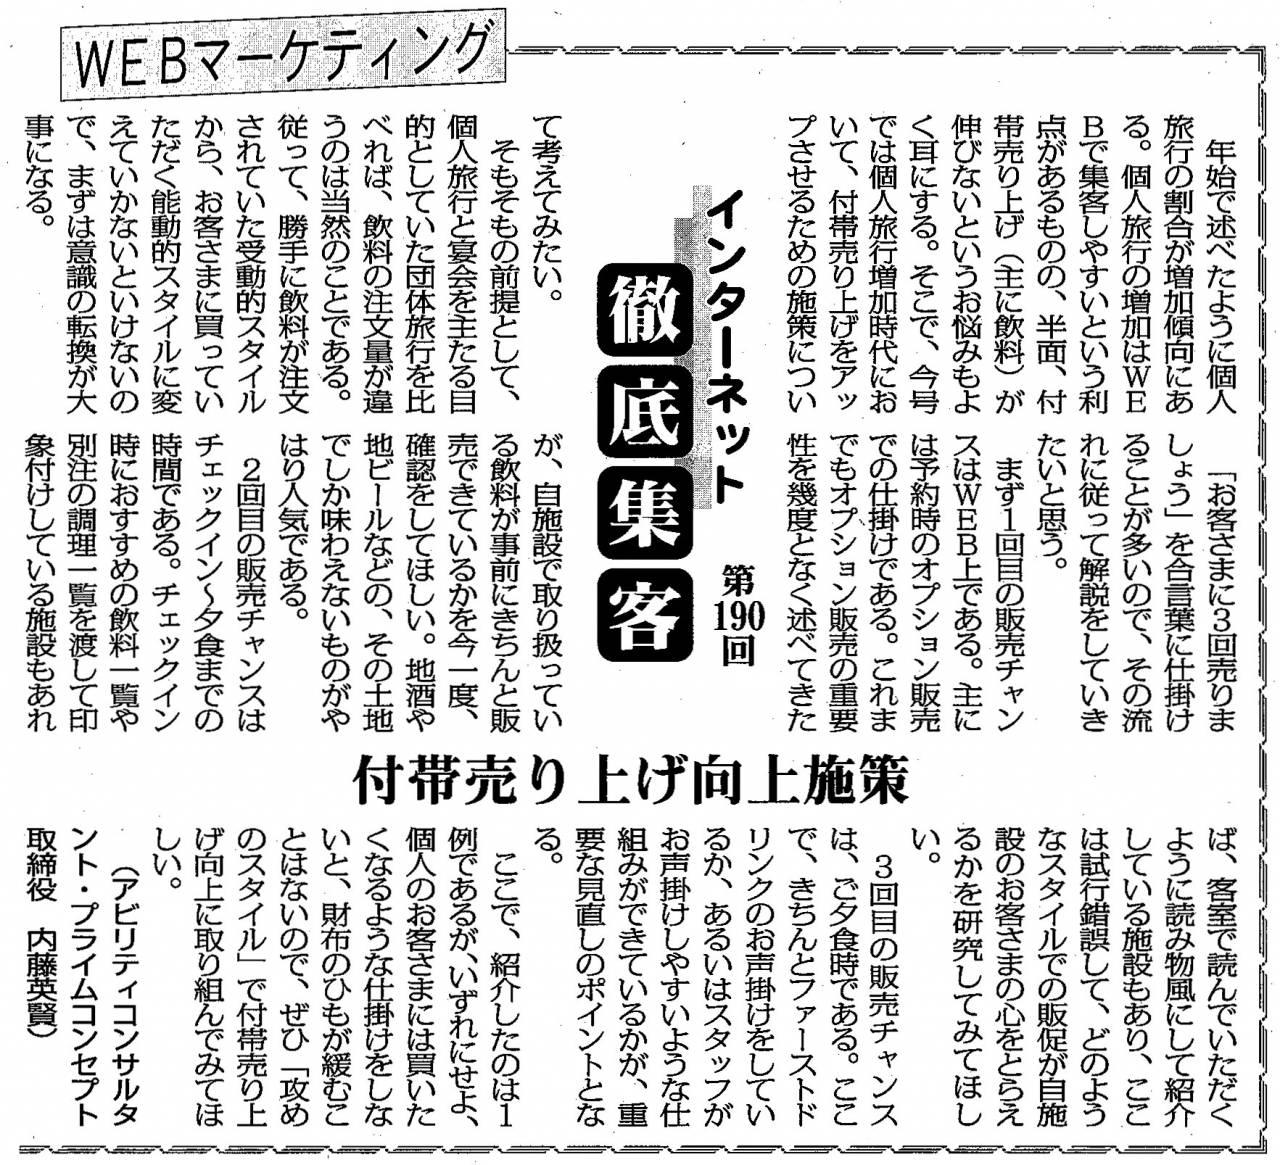 【第190回】WEBマーケティング インターネット徹底集客 (付帯売り上げ向上施策)